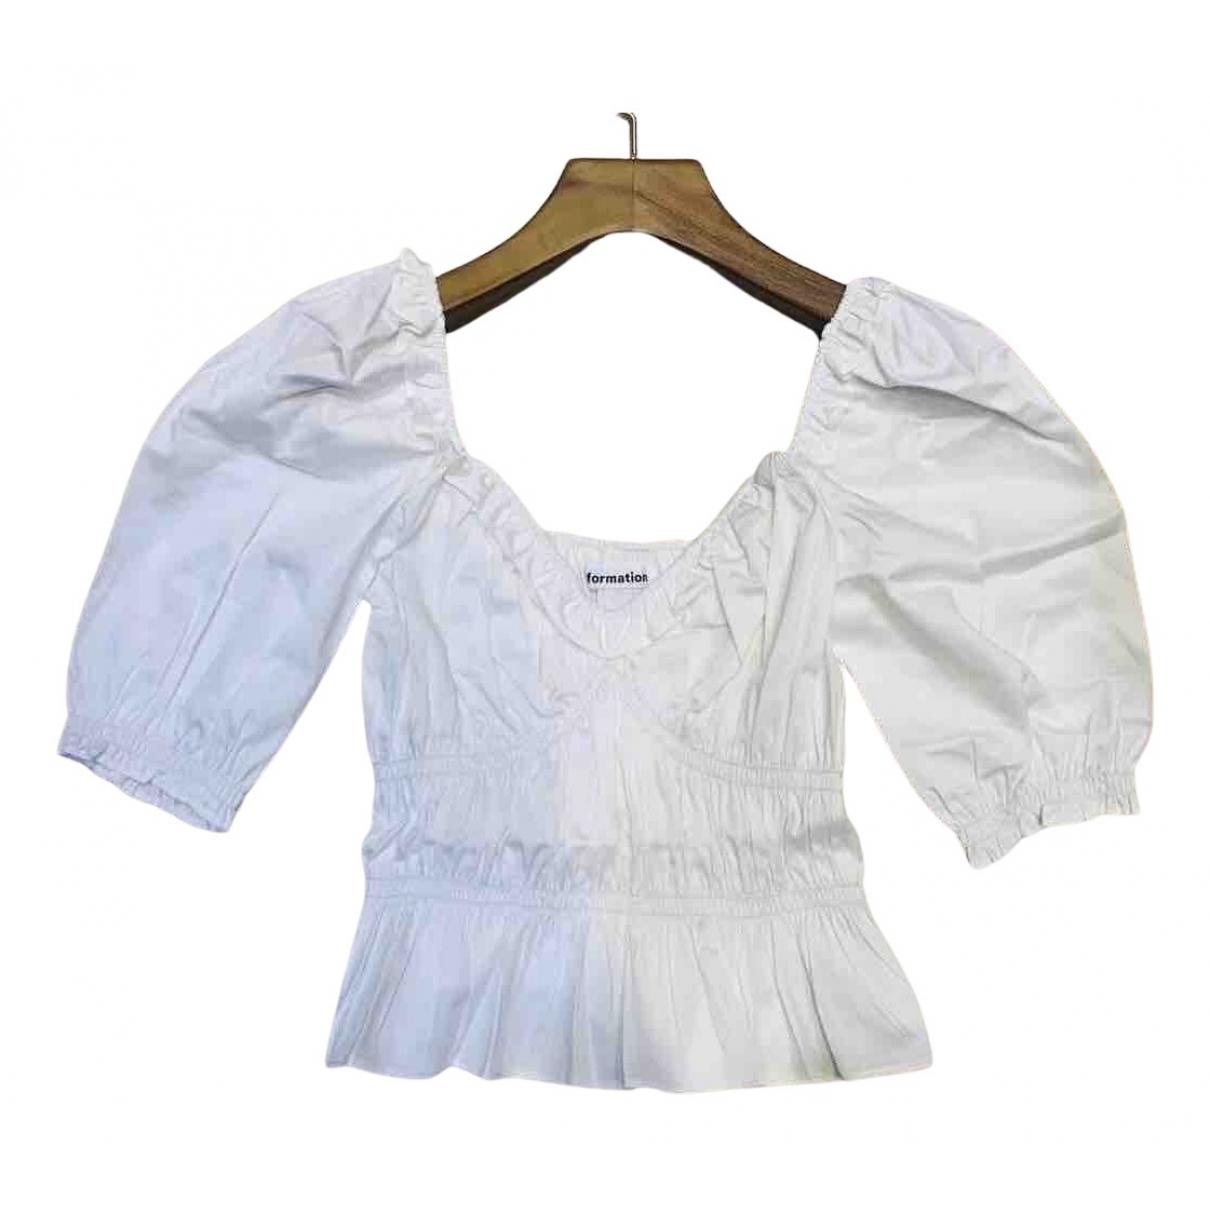 Reformation - Top   pour femme en coton - ecru